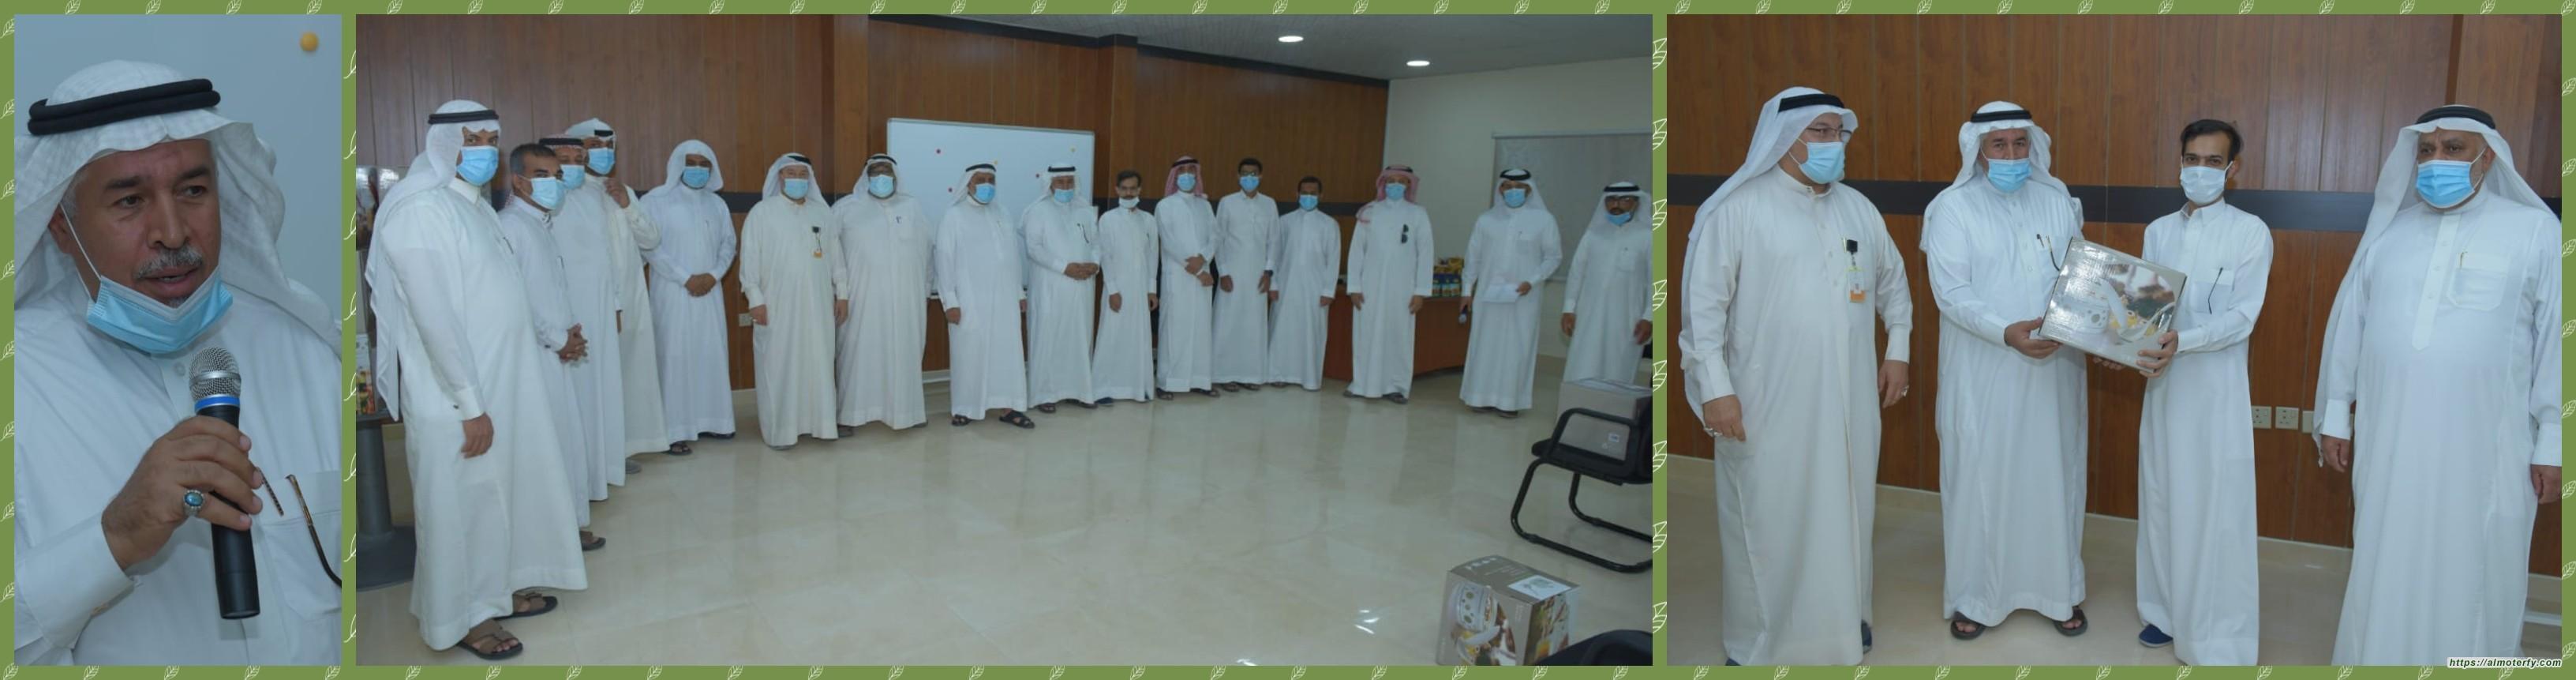 جمعية البر بالاحساء مركز حي الملك فهد